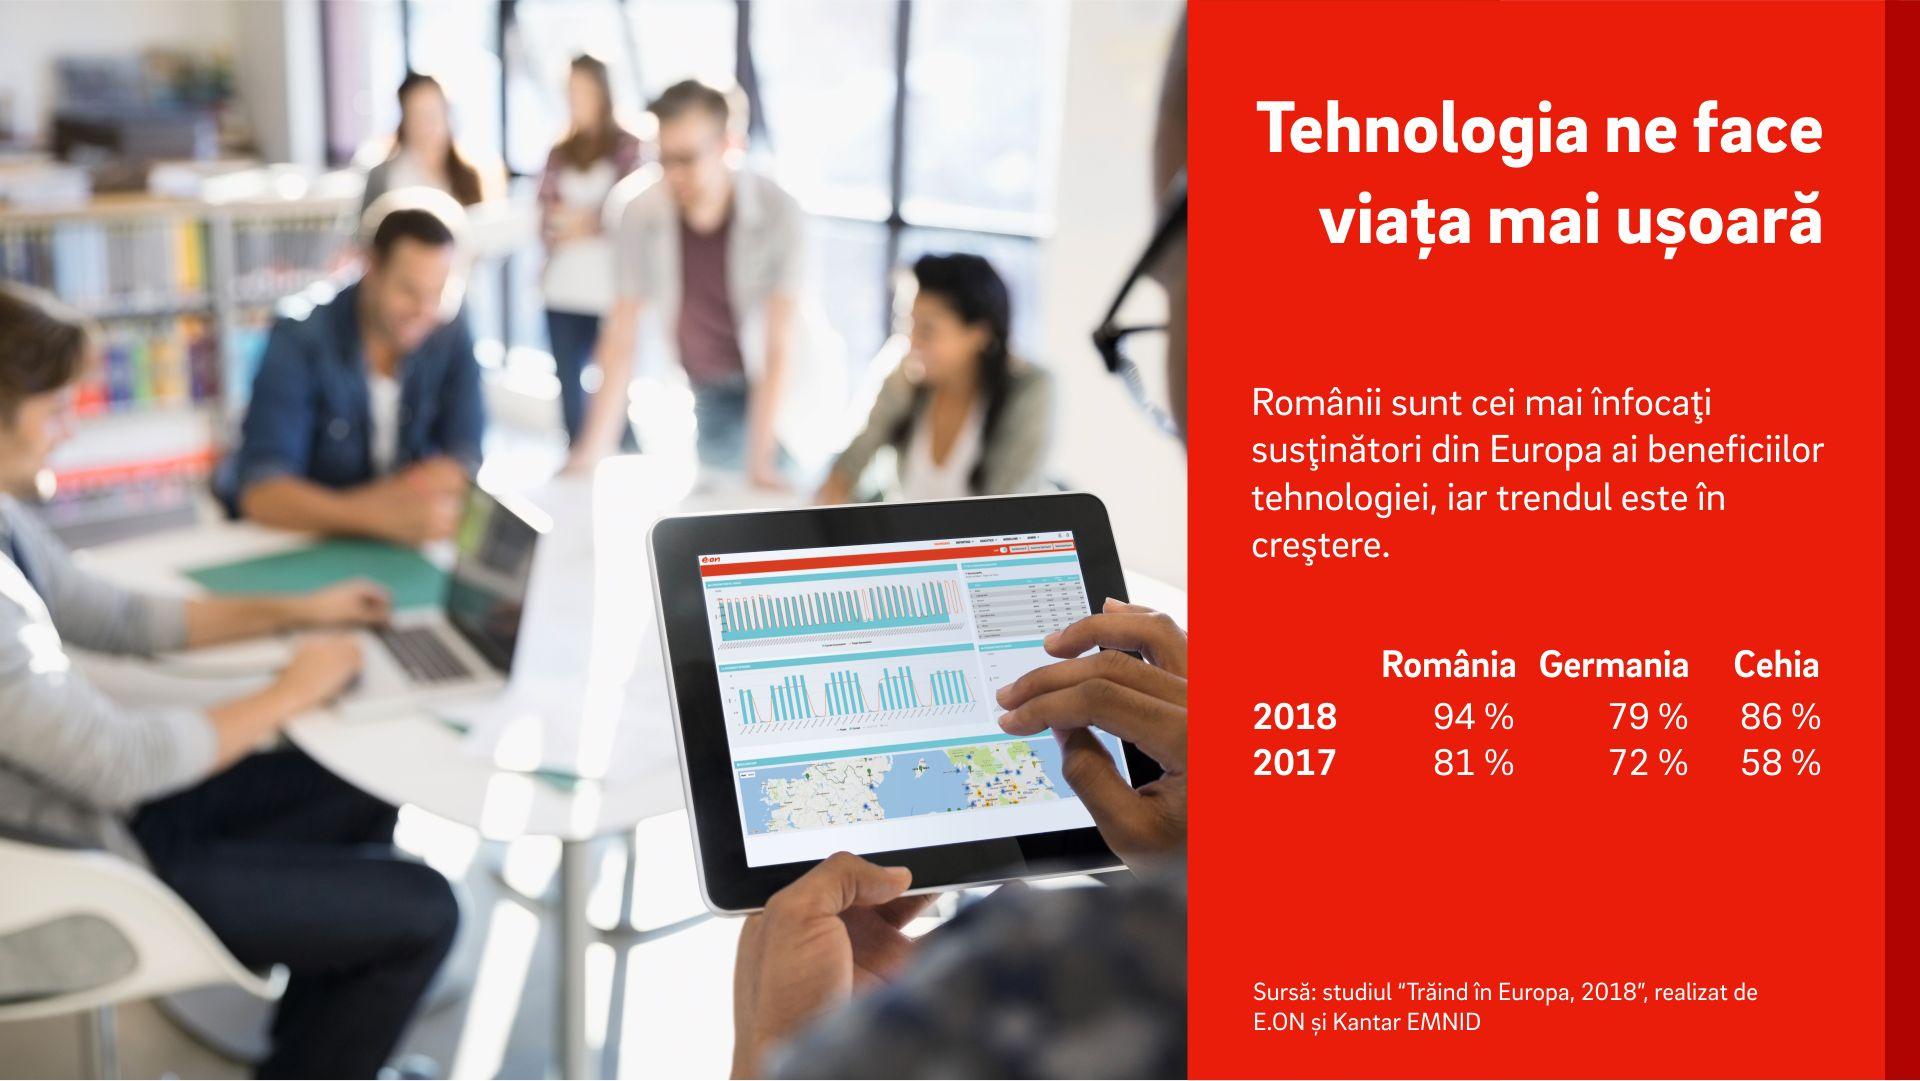 """E.ON România: """"Românii sunt cei mai înfocaţi susţinători din Europa ai beneficiilor tehnologiei"""""""